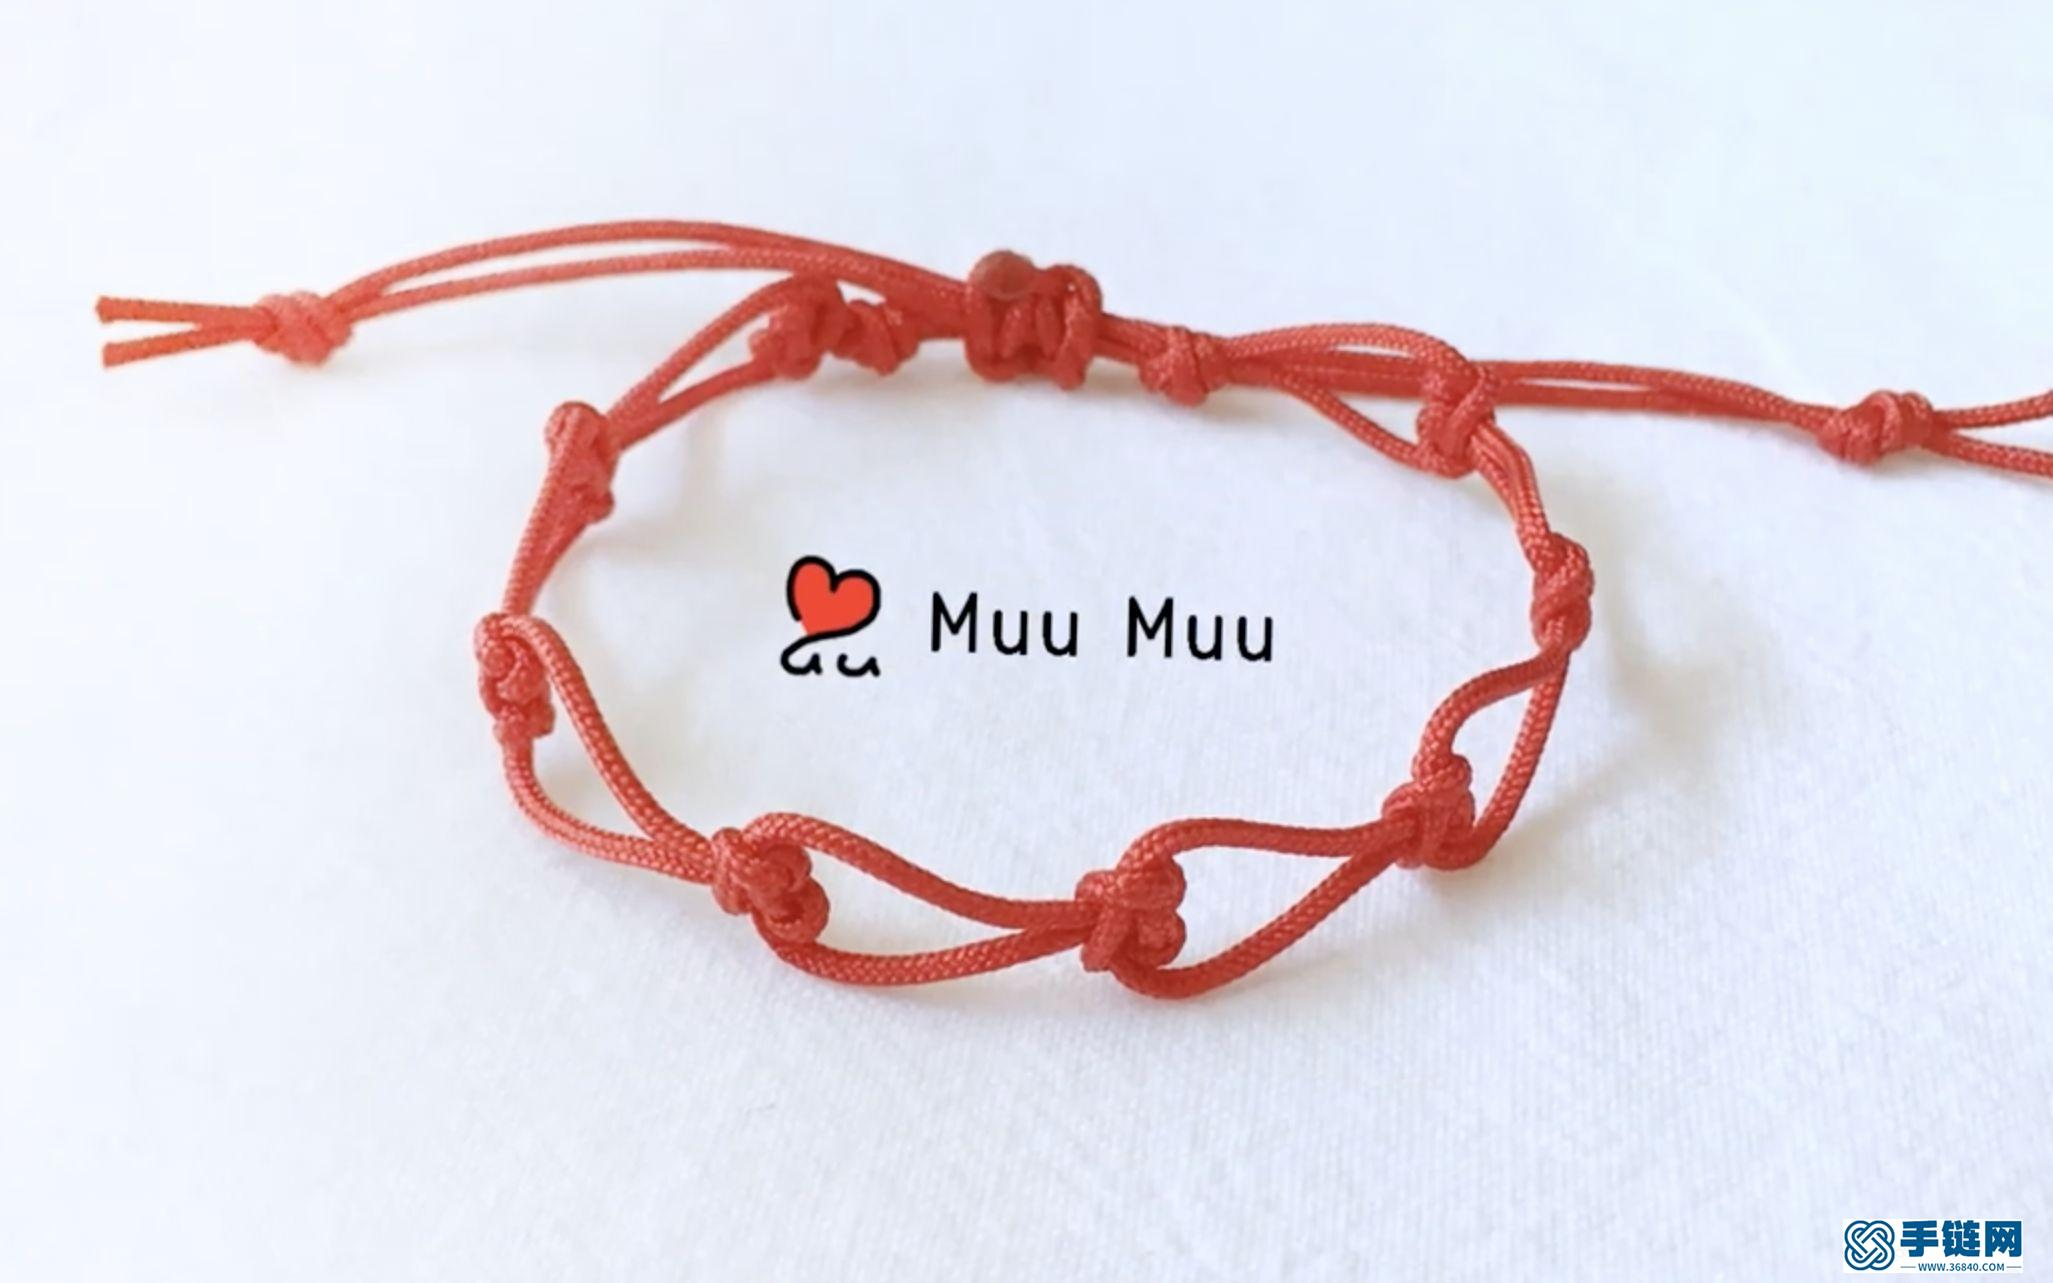 像不像连续的爱心_做法其实很简单!很有特色的一款手环_很适合平时佩戴的手环!